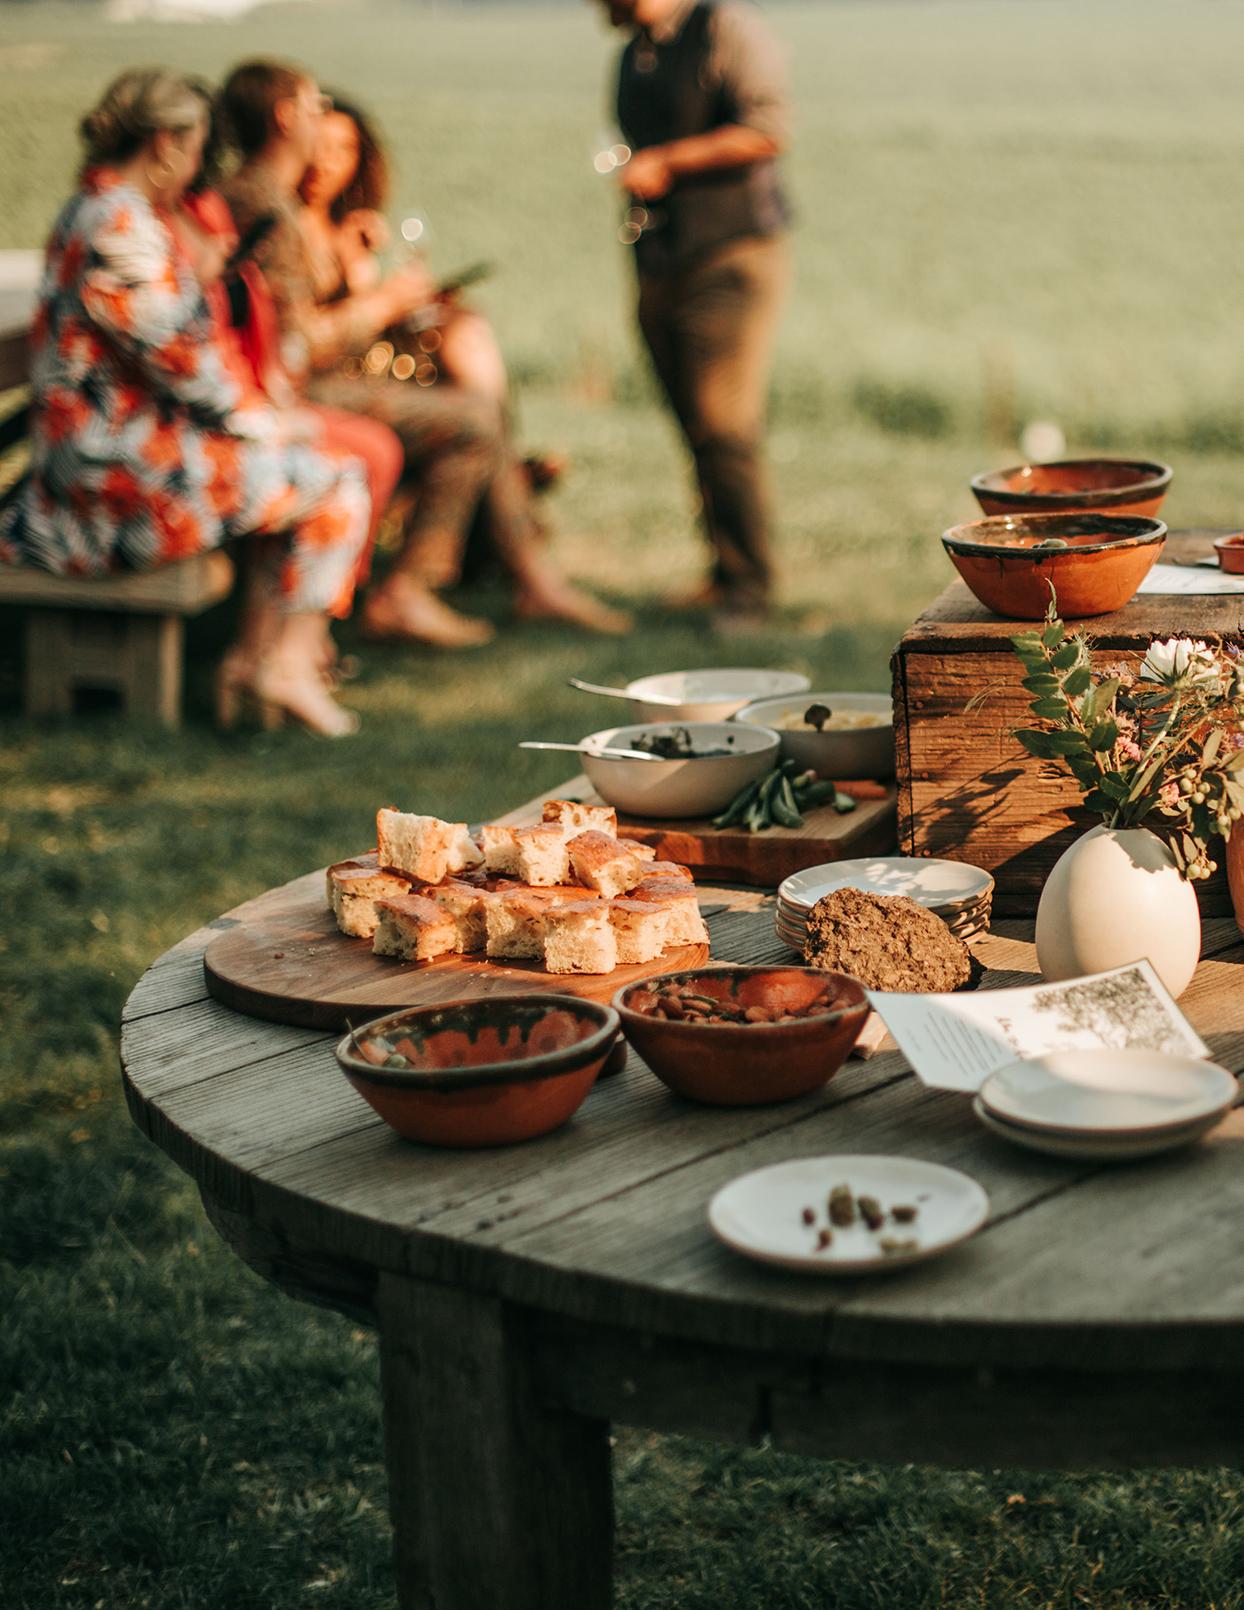 austin alex wedding cocktail hour appetizer table